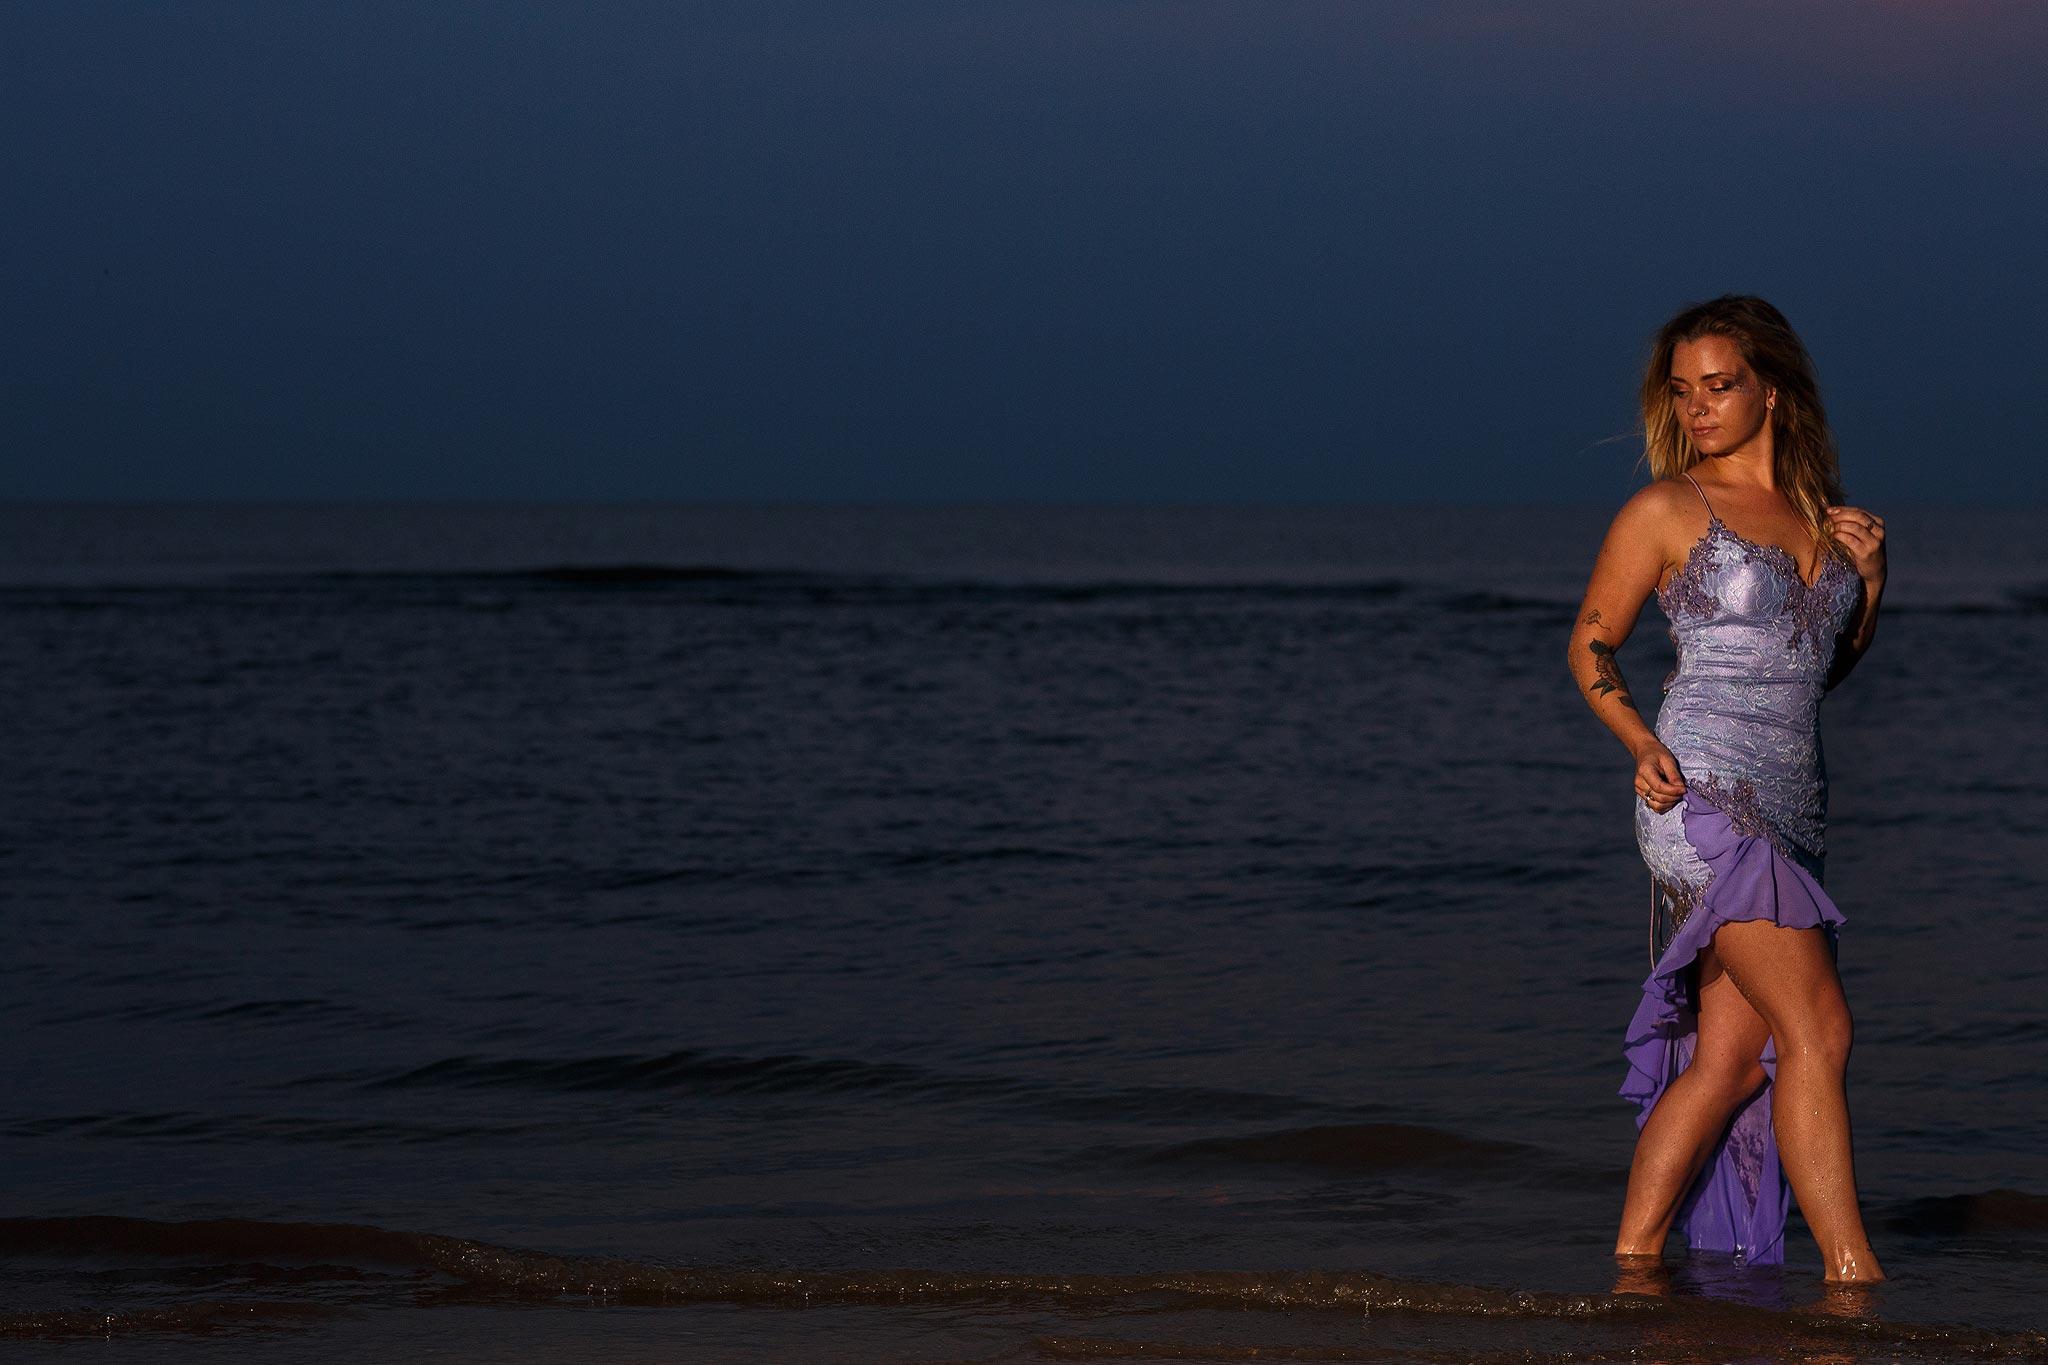 Alternative wedding dress ideas for beach wedding